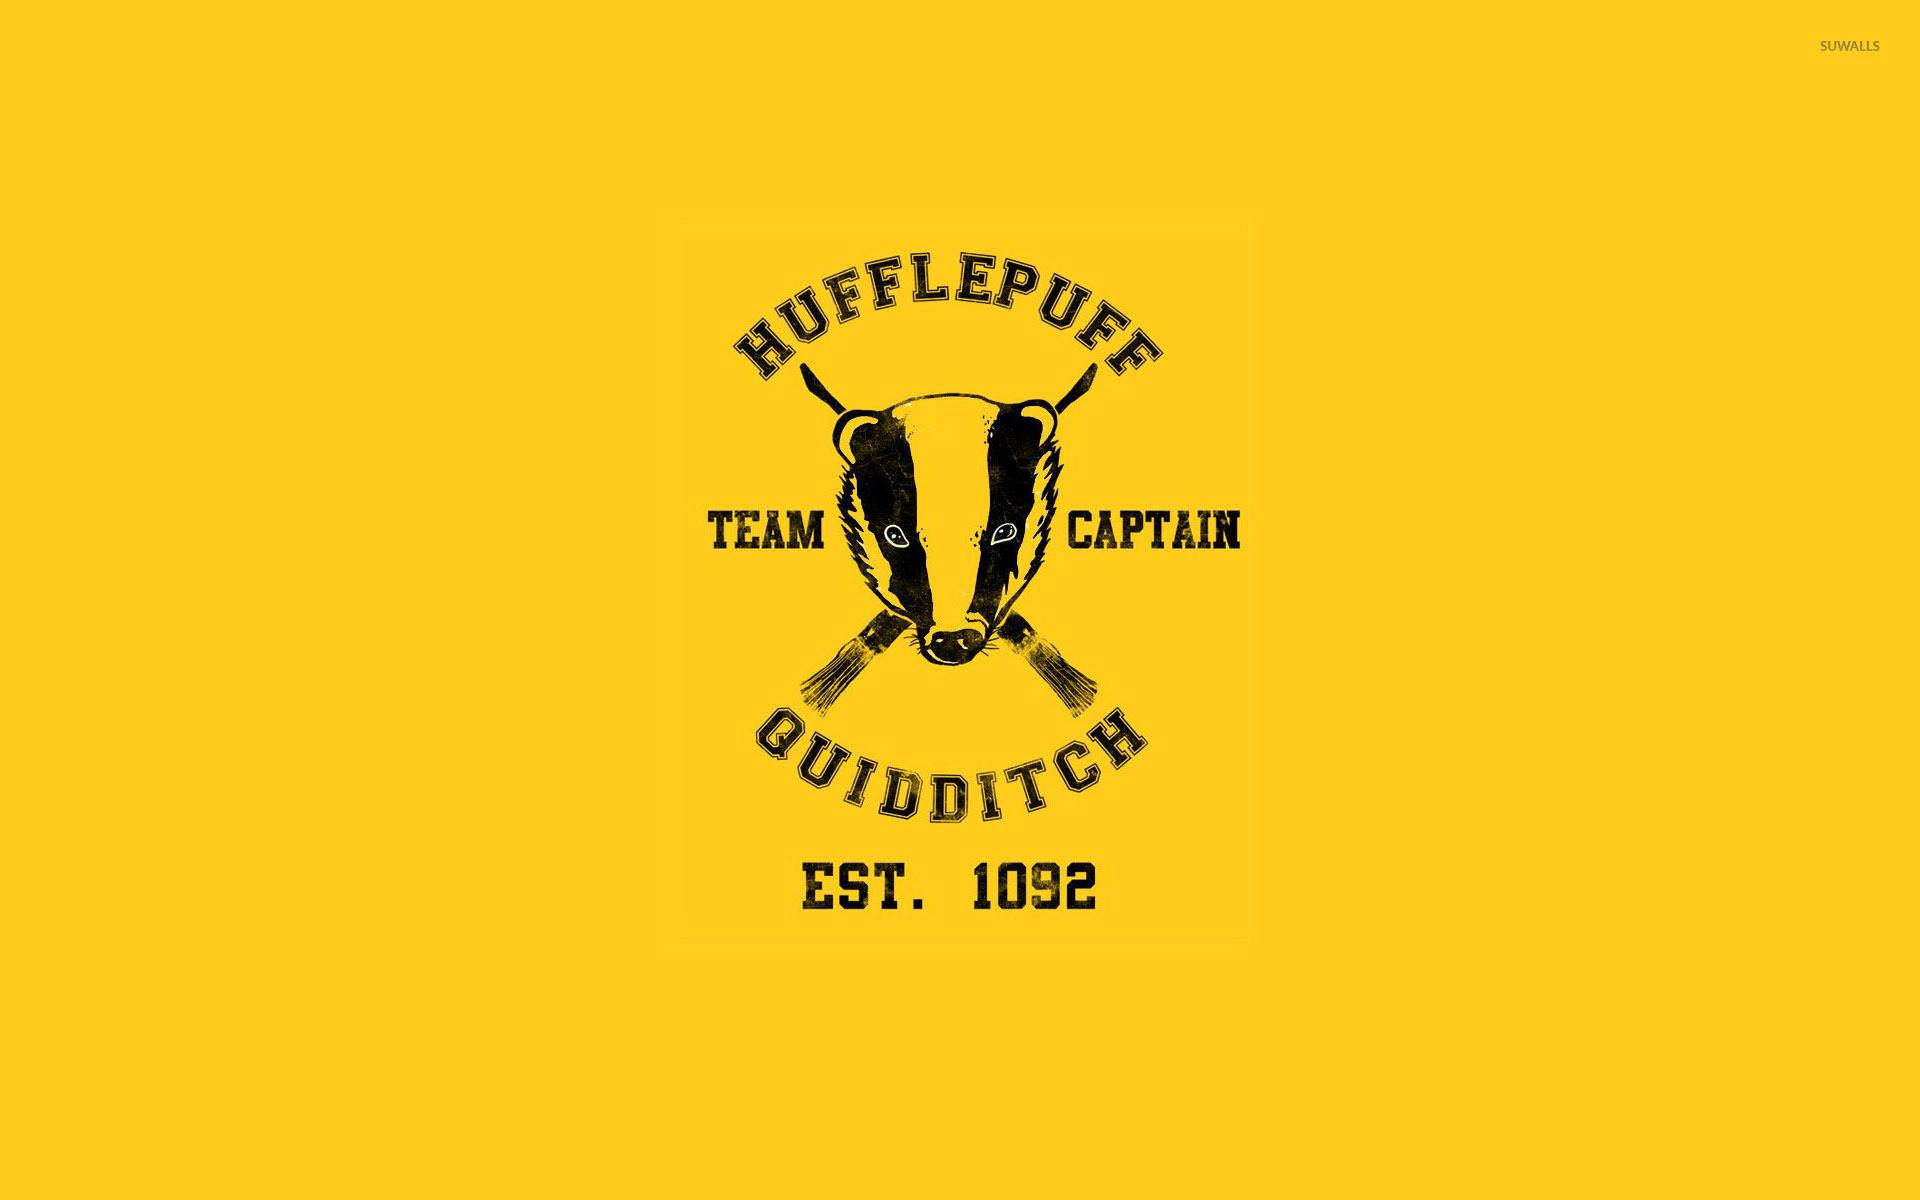 Hufflepuff Quidditch team – Harry Potter wallpaper